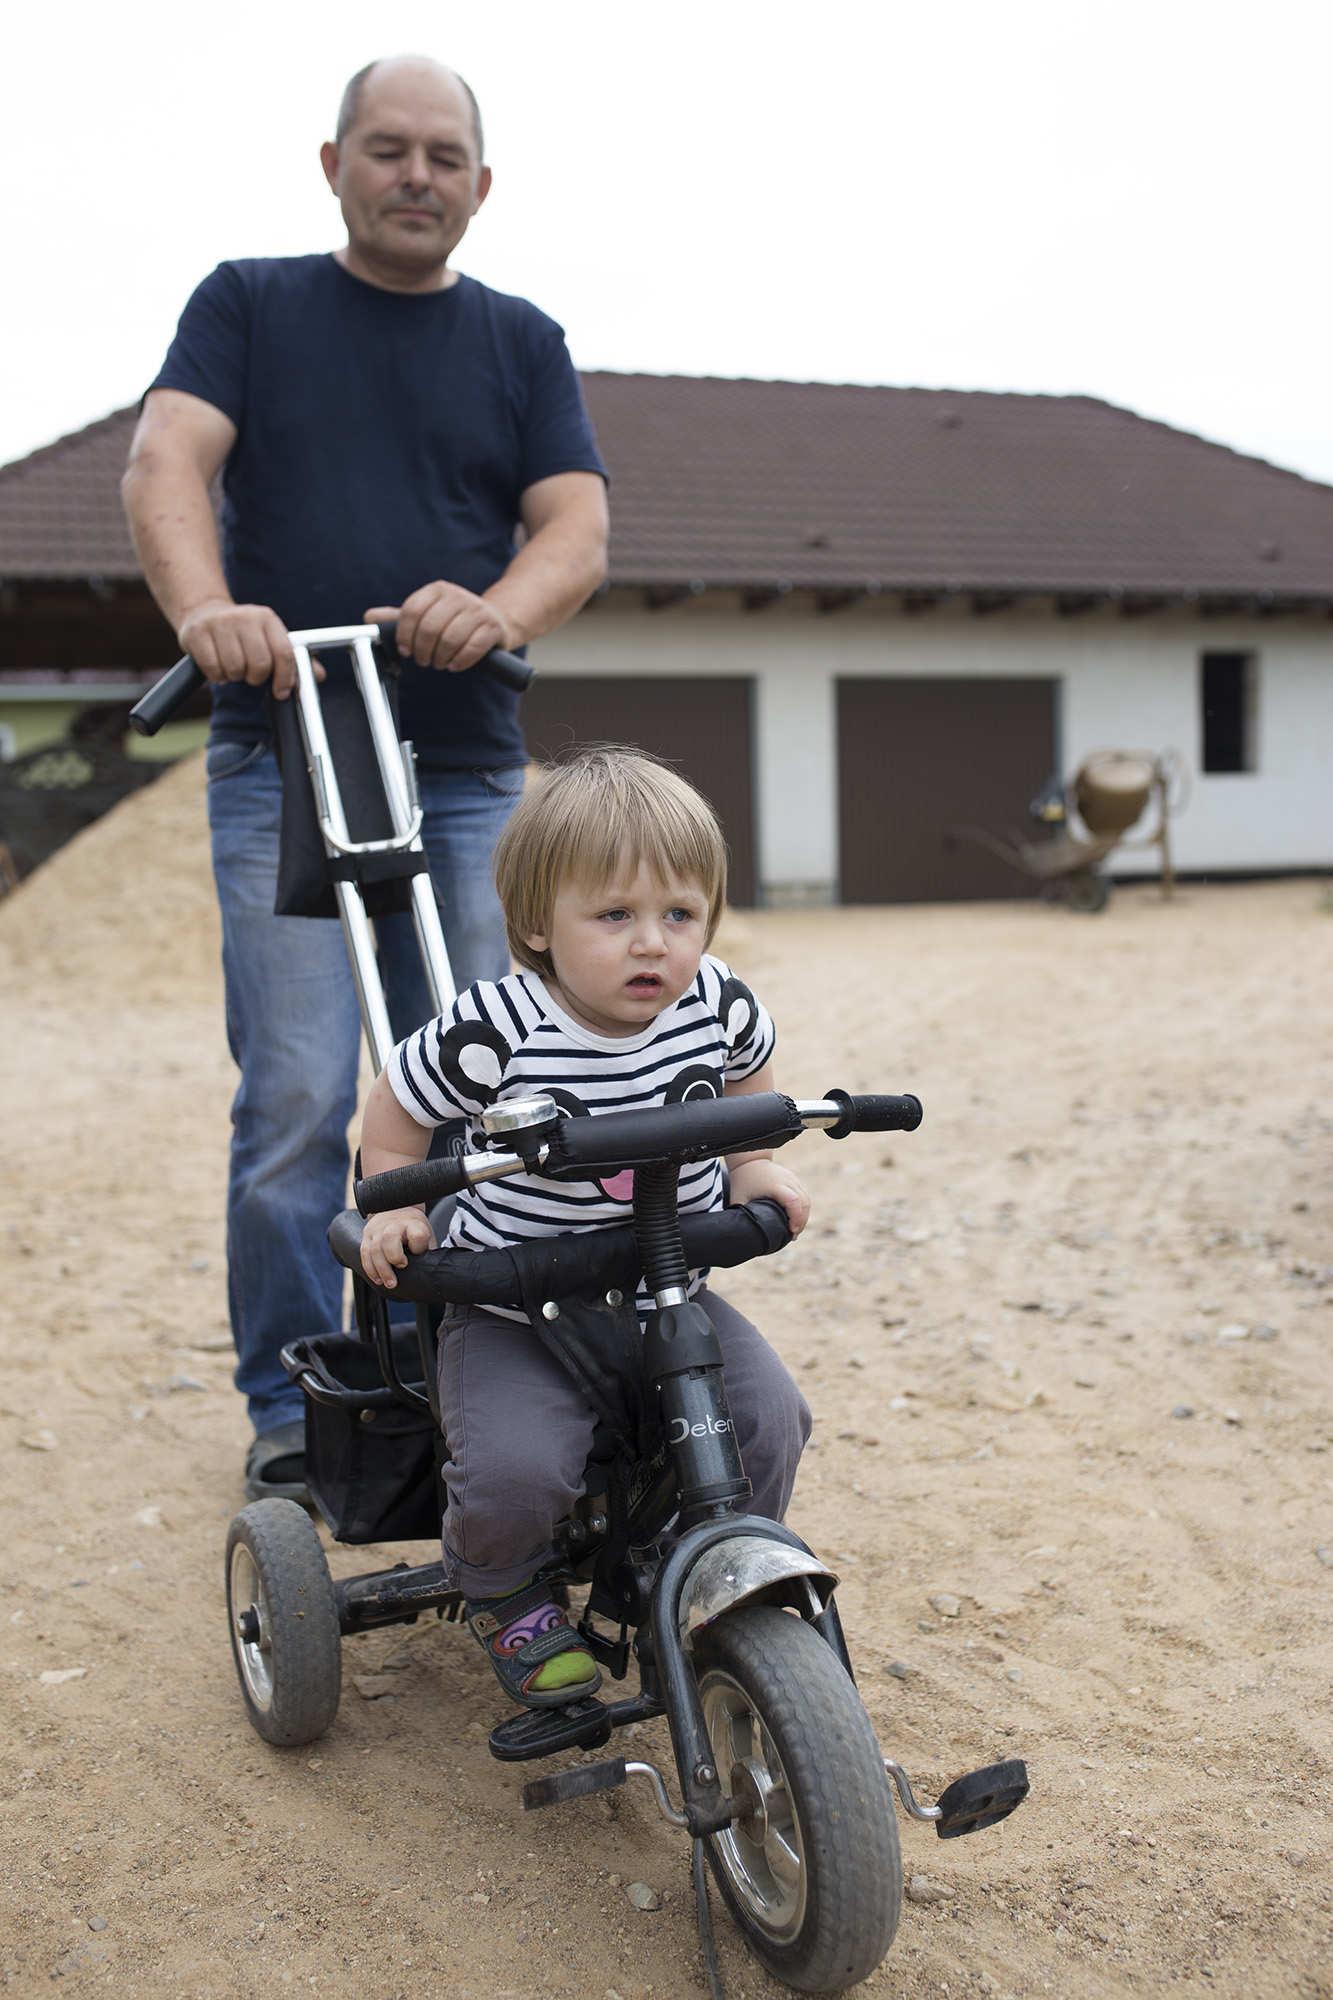 Семья из Бреста пытается спасти единственного в роду мальчика, но отказывается от бесплатной операции в Беларуси